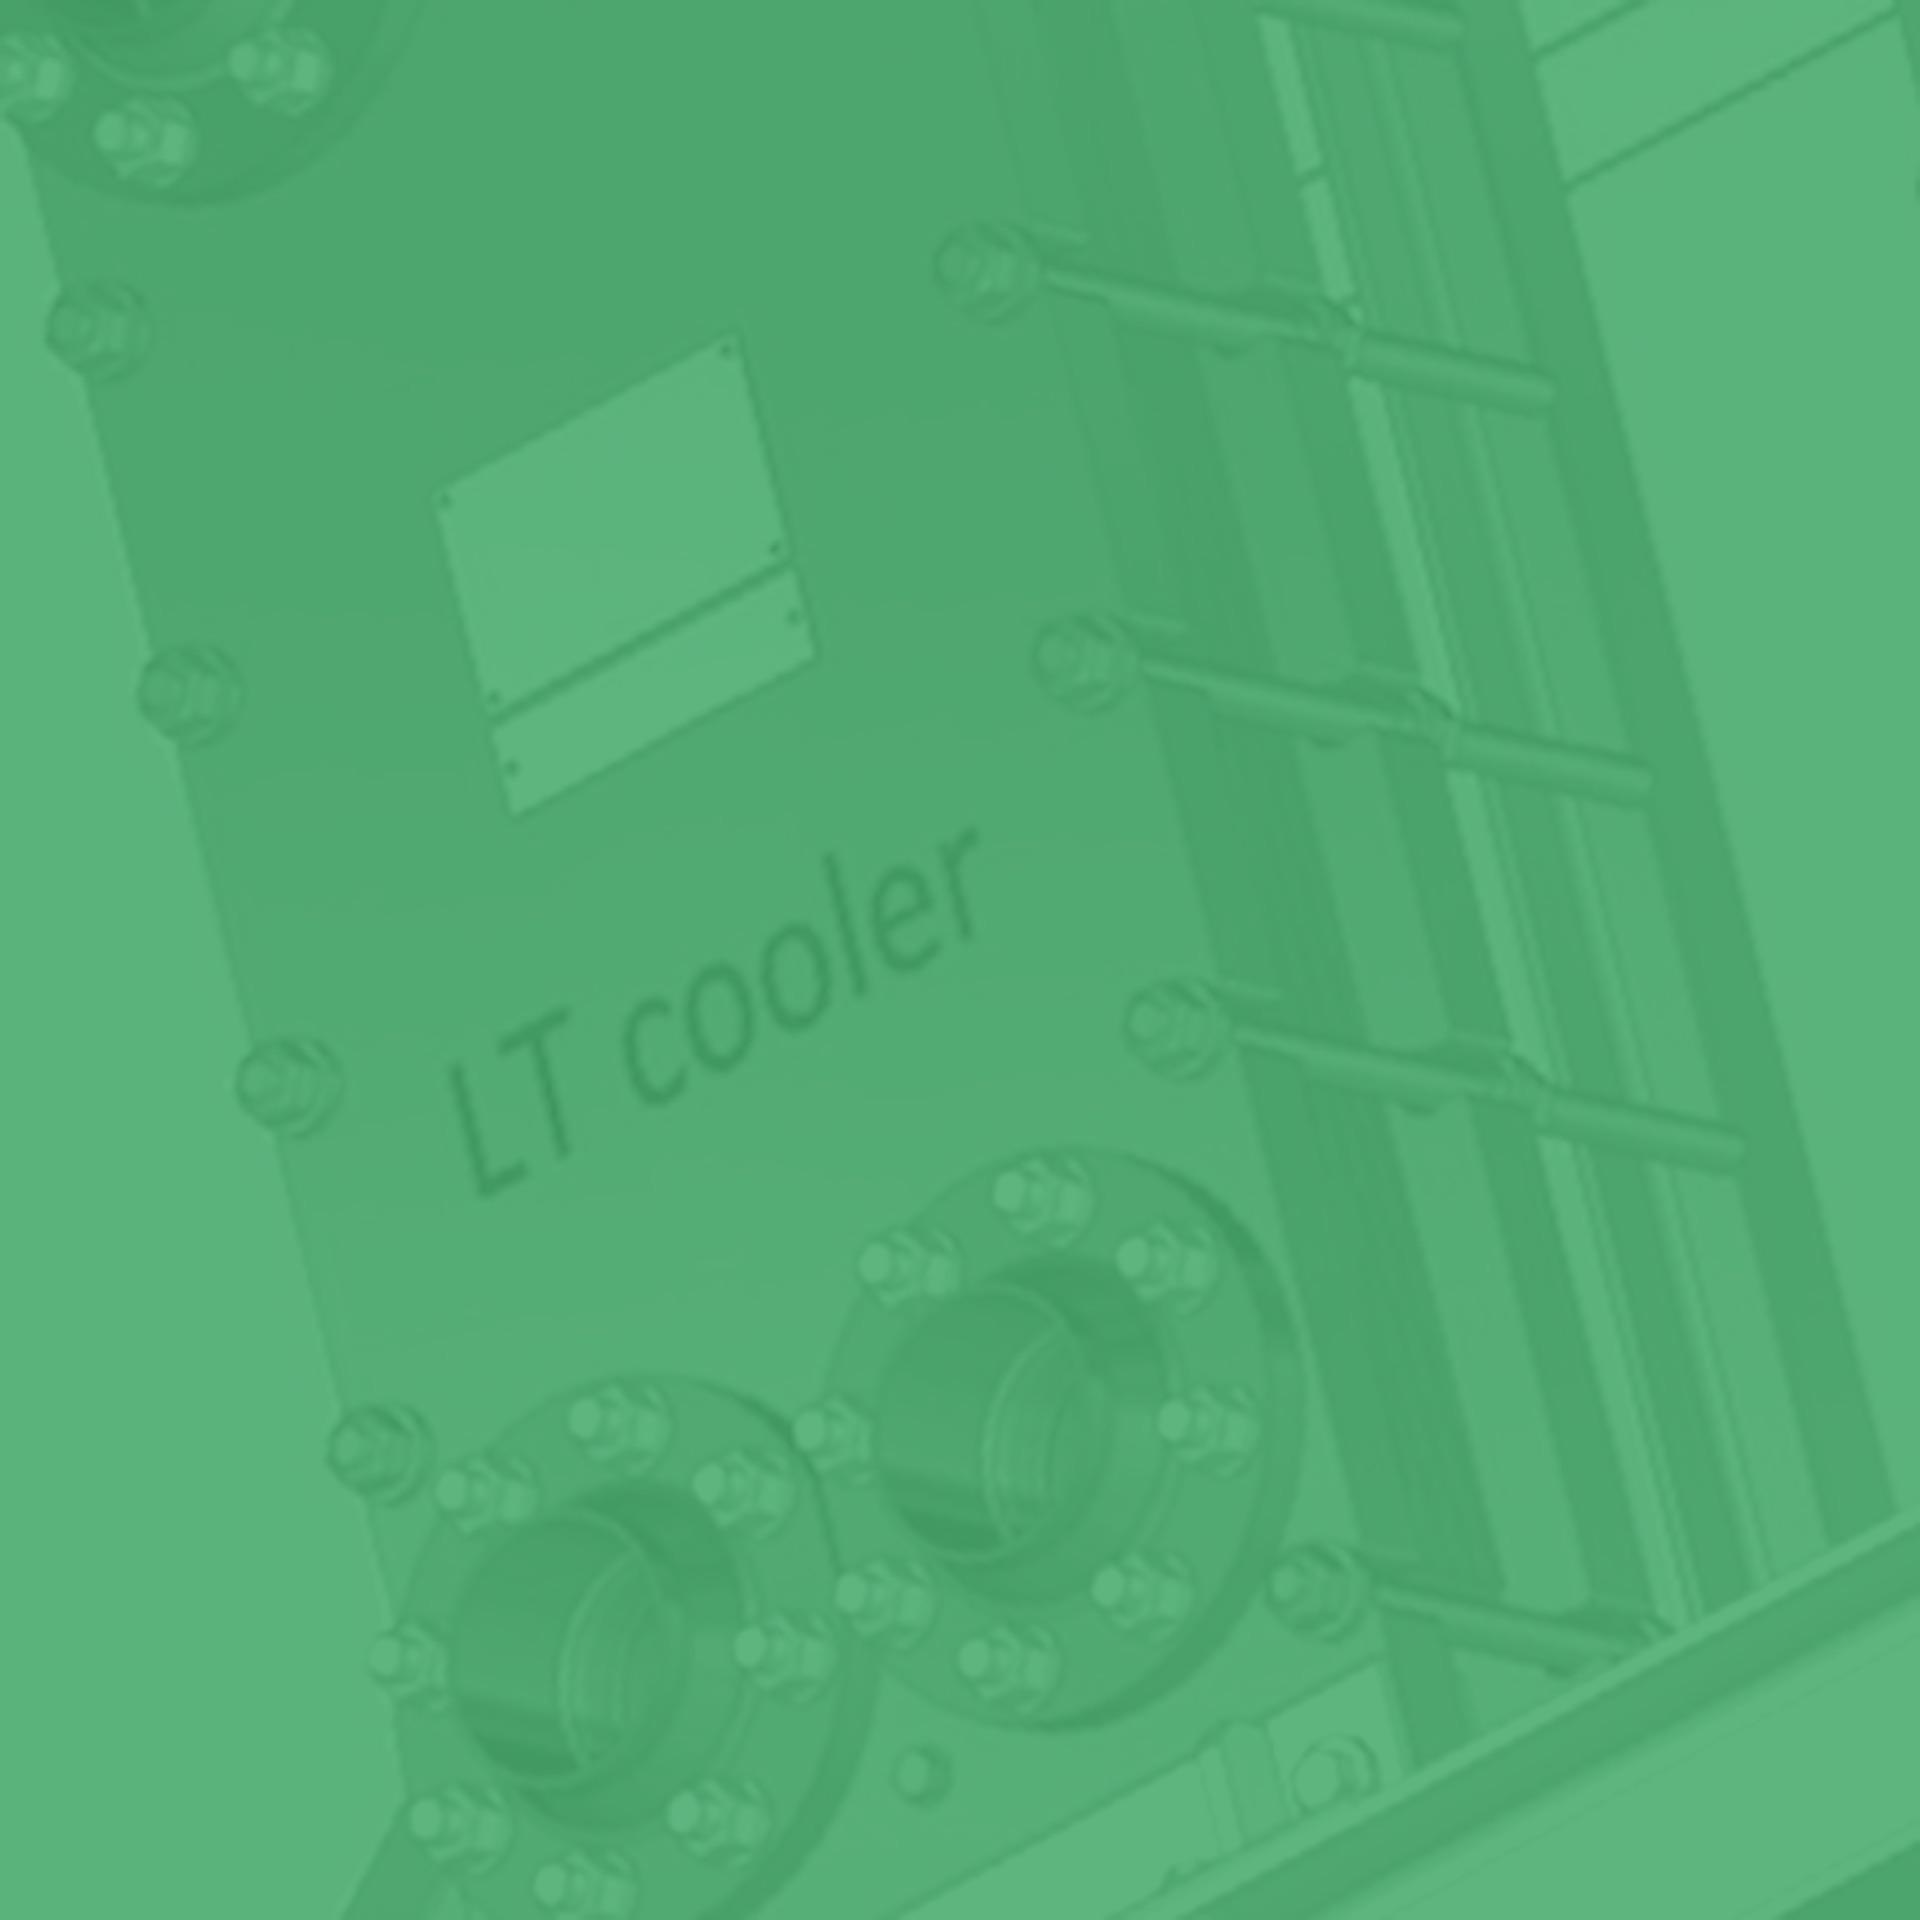 GWA_heat_exchanger_plate_heat_exchanger_phe_water_water_cooler_for_diesel_engine_cooling_Gesellschaft_fuer_Waerme_und_Anlagentechnik_mbH_monochrom